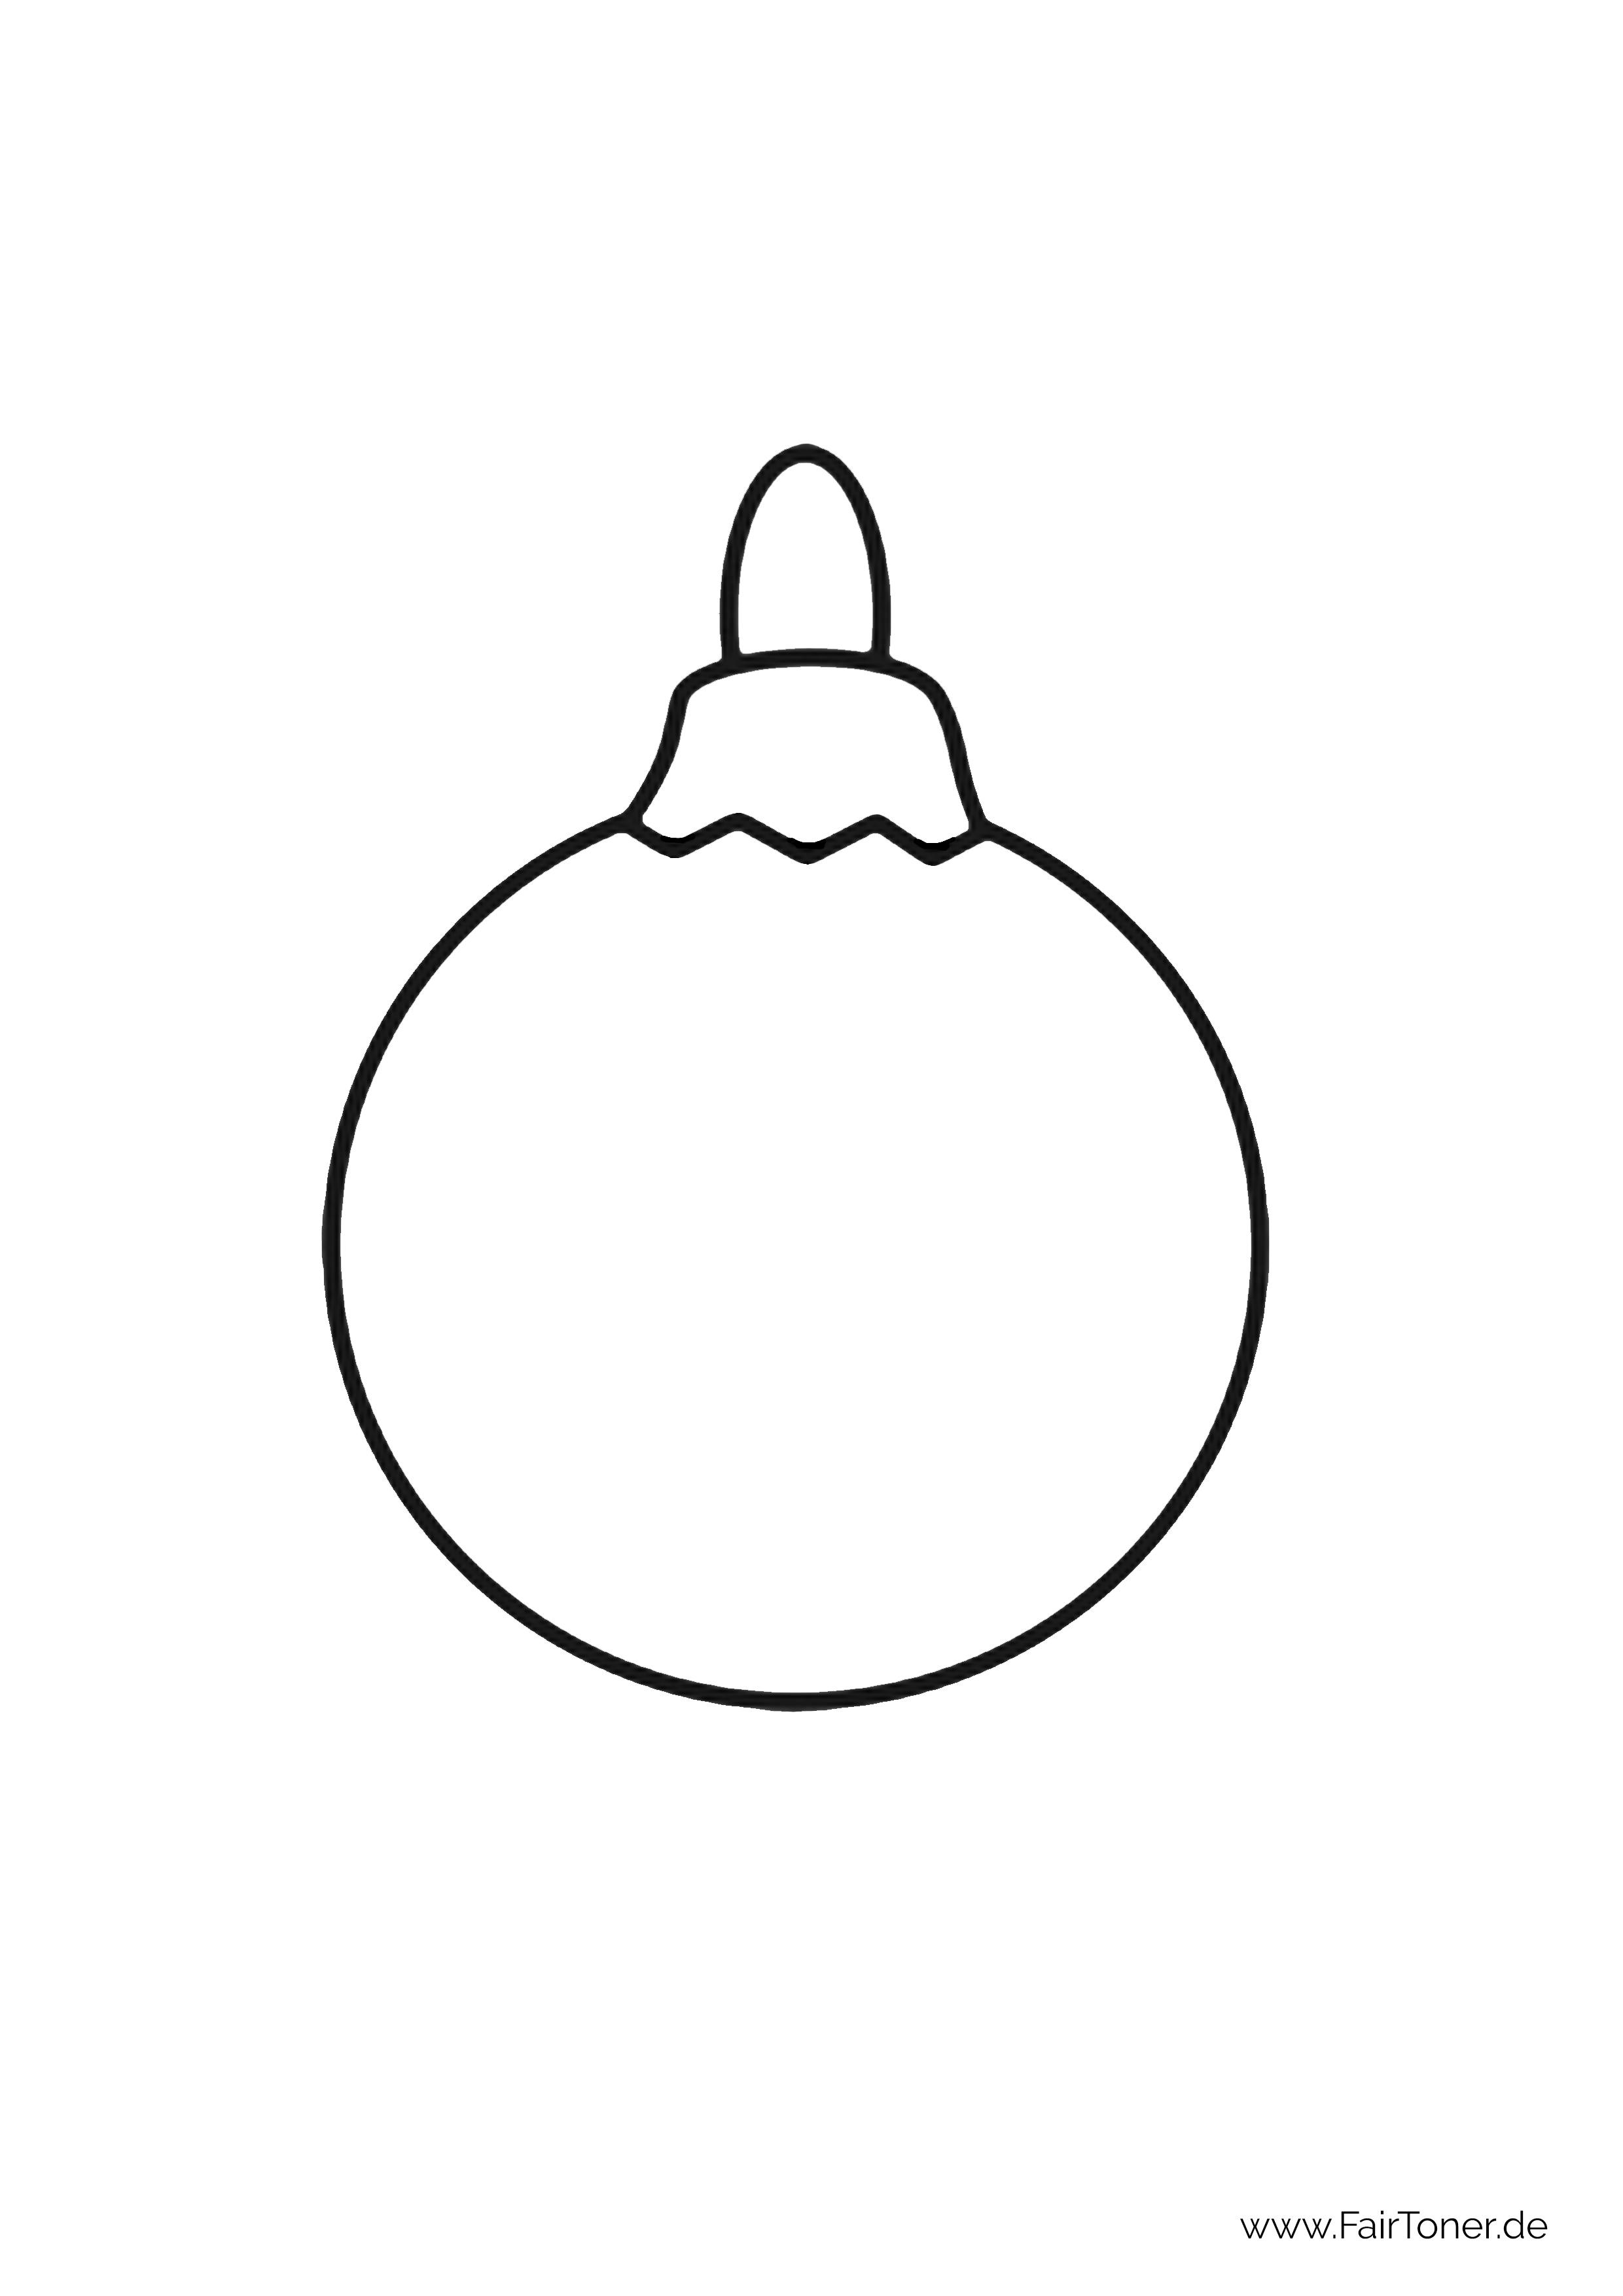 symbole zum ausmalen kostenlose malvorlagen